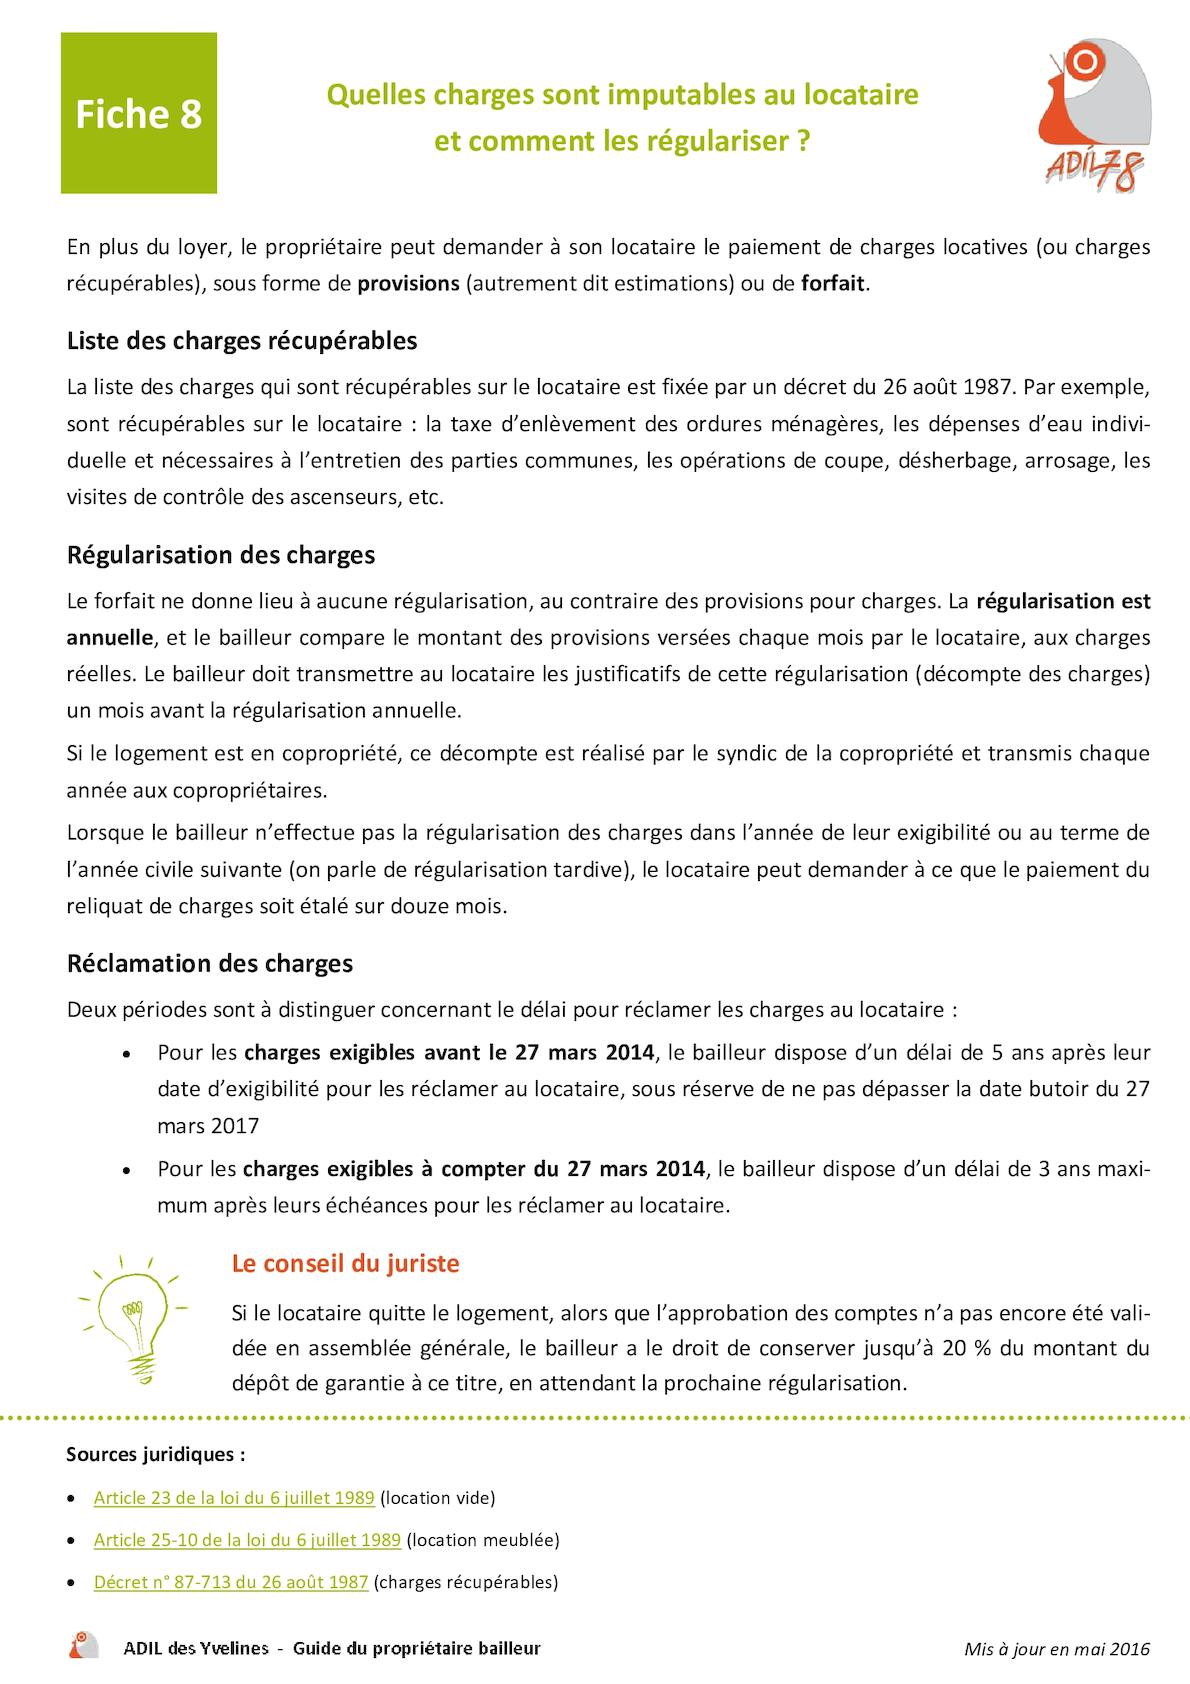 Calaméo - Fiche 8_Quelles Charges Sont Imputables Au Locataire, Et Comment  Les Régulariser ?